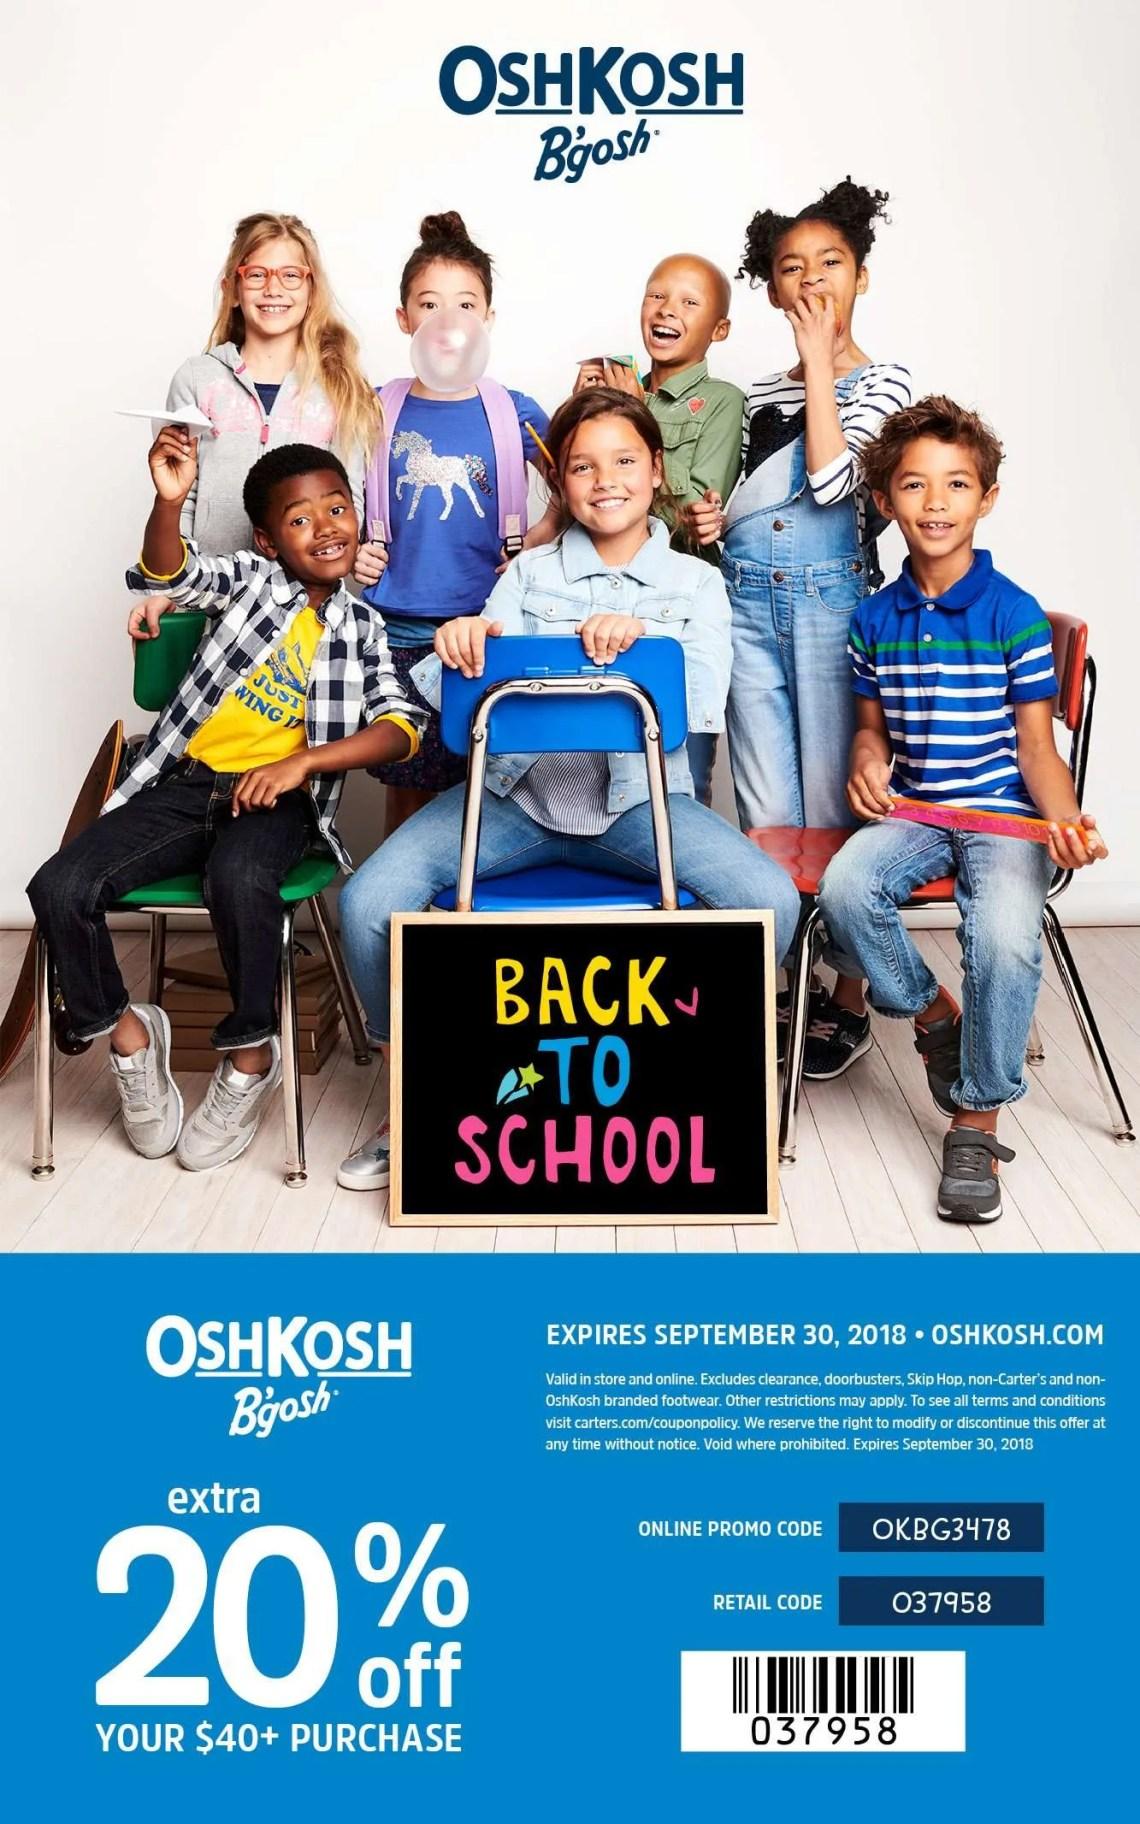 OshKosh B'gosh, Back to School, shopping tips, kids fashion, OshKosh, kids style